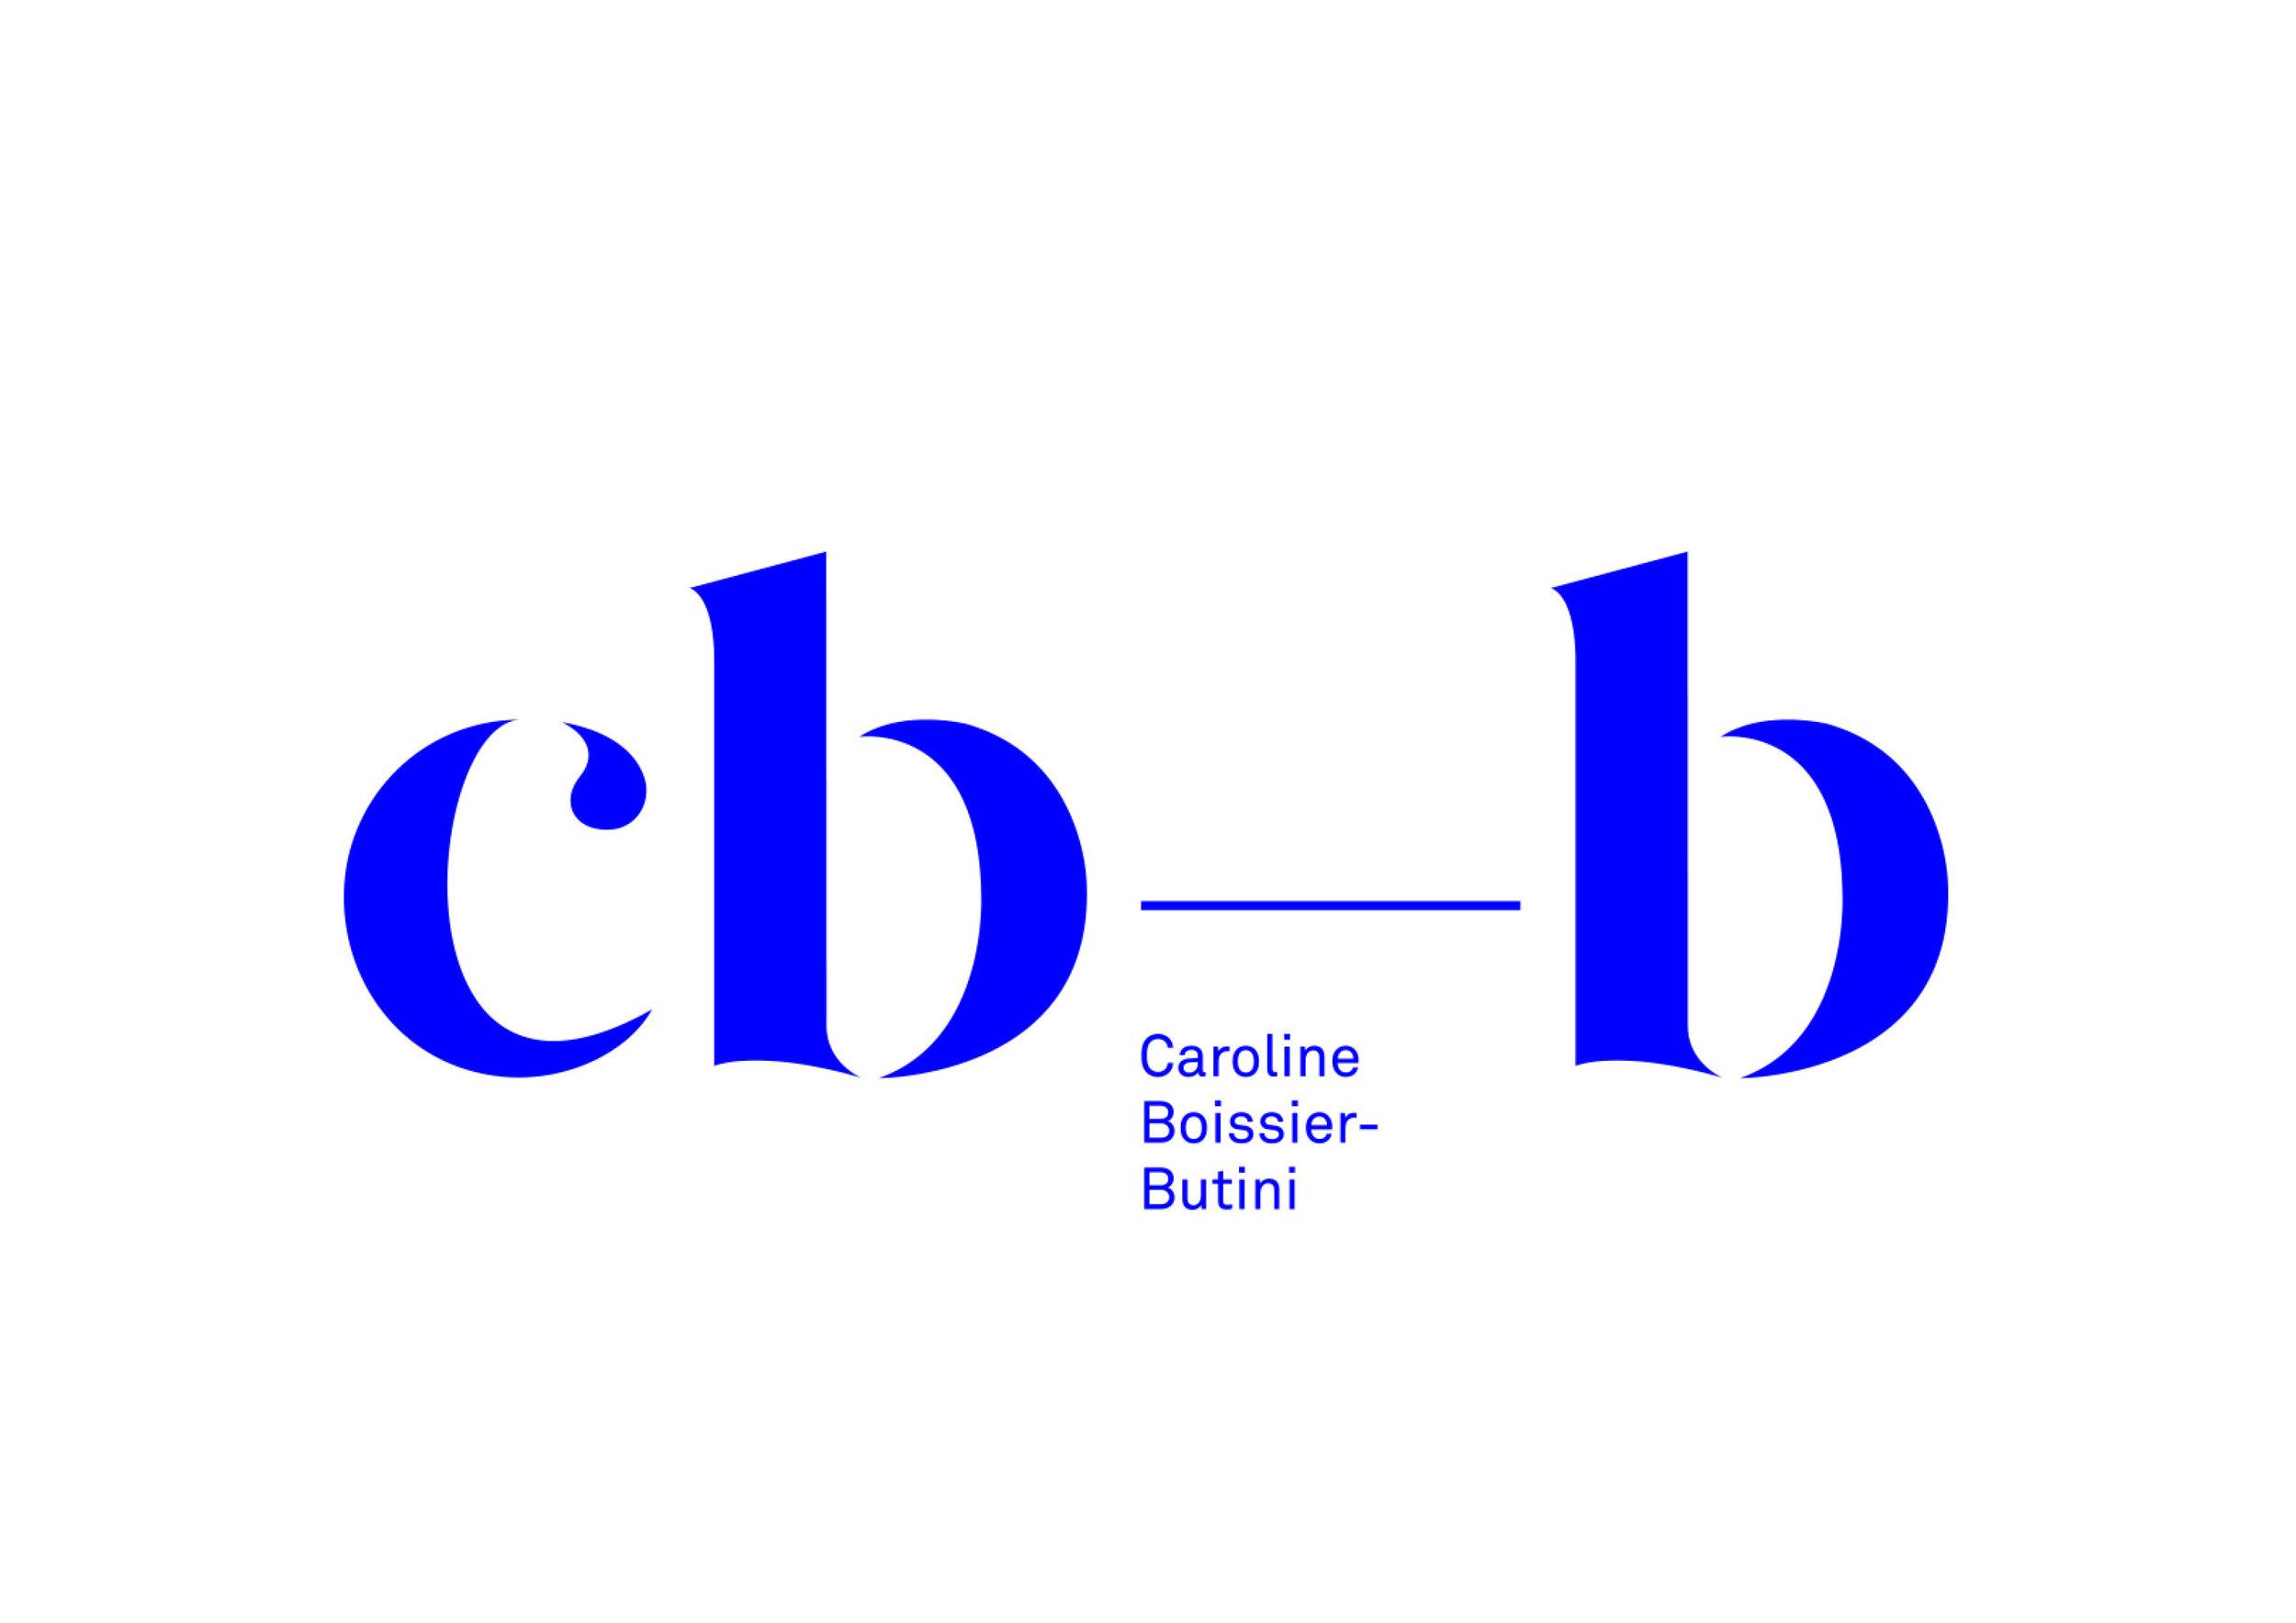 CBB_1.jpg